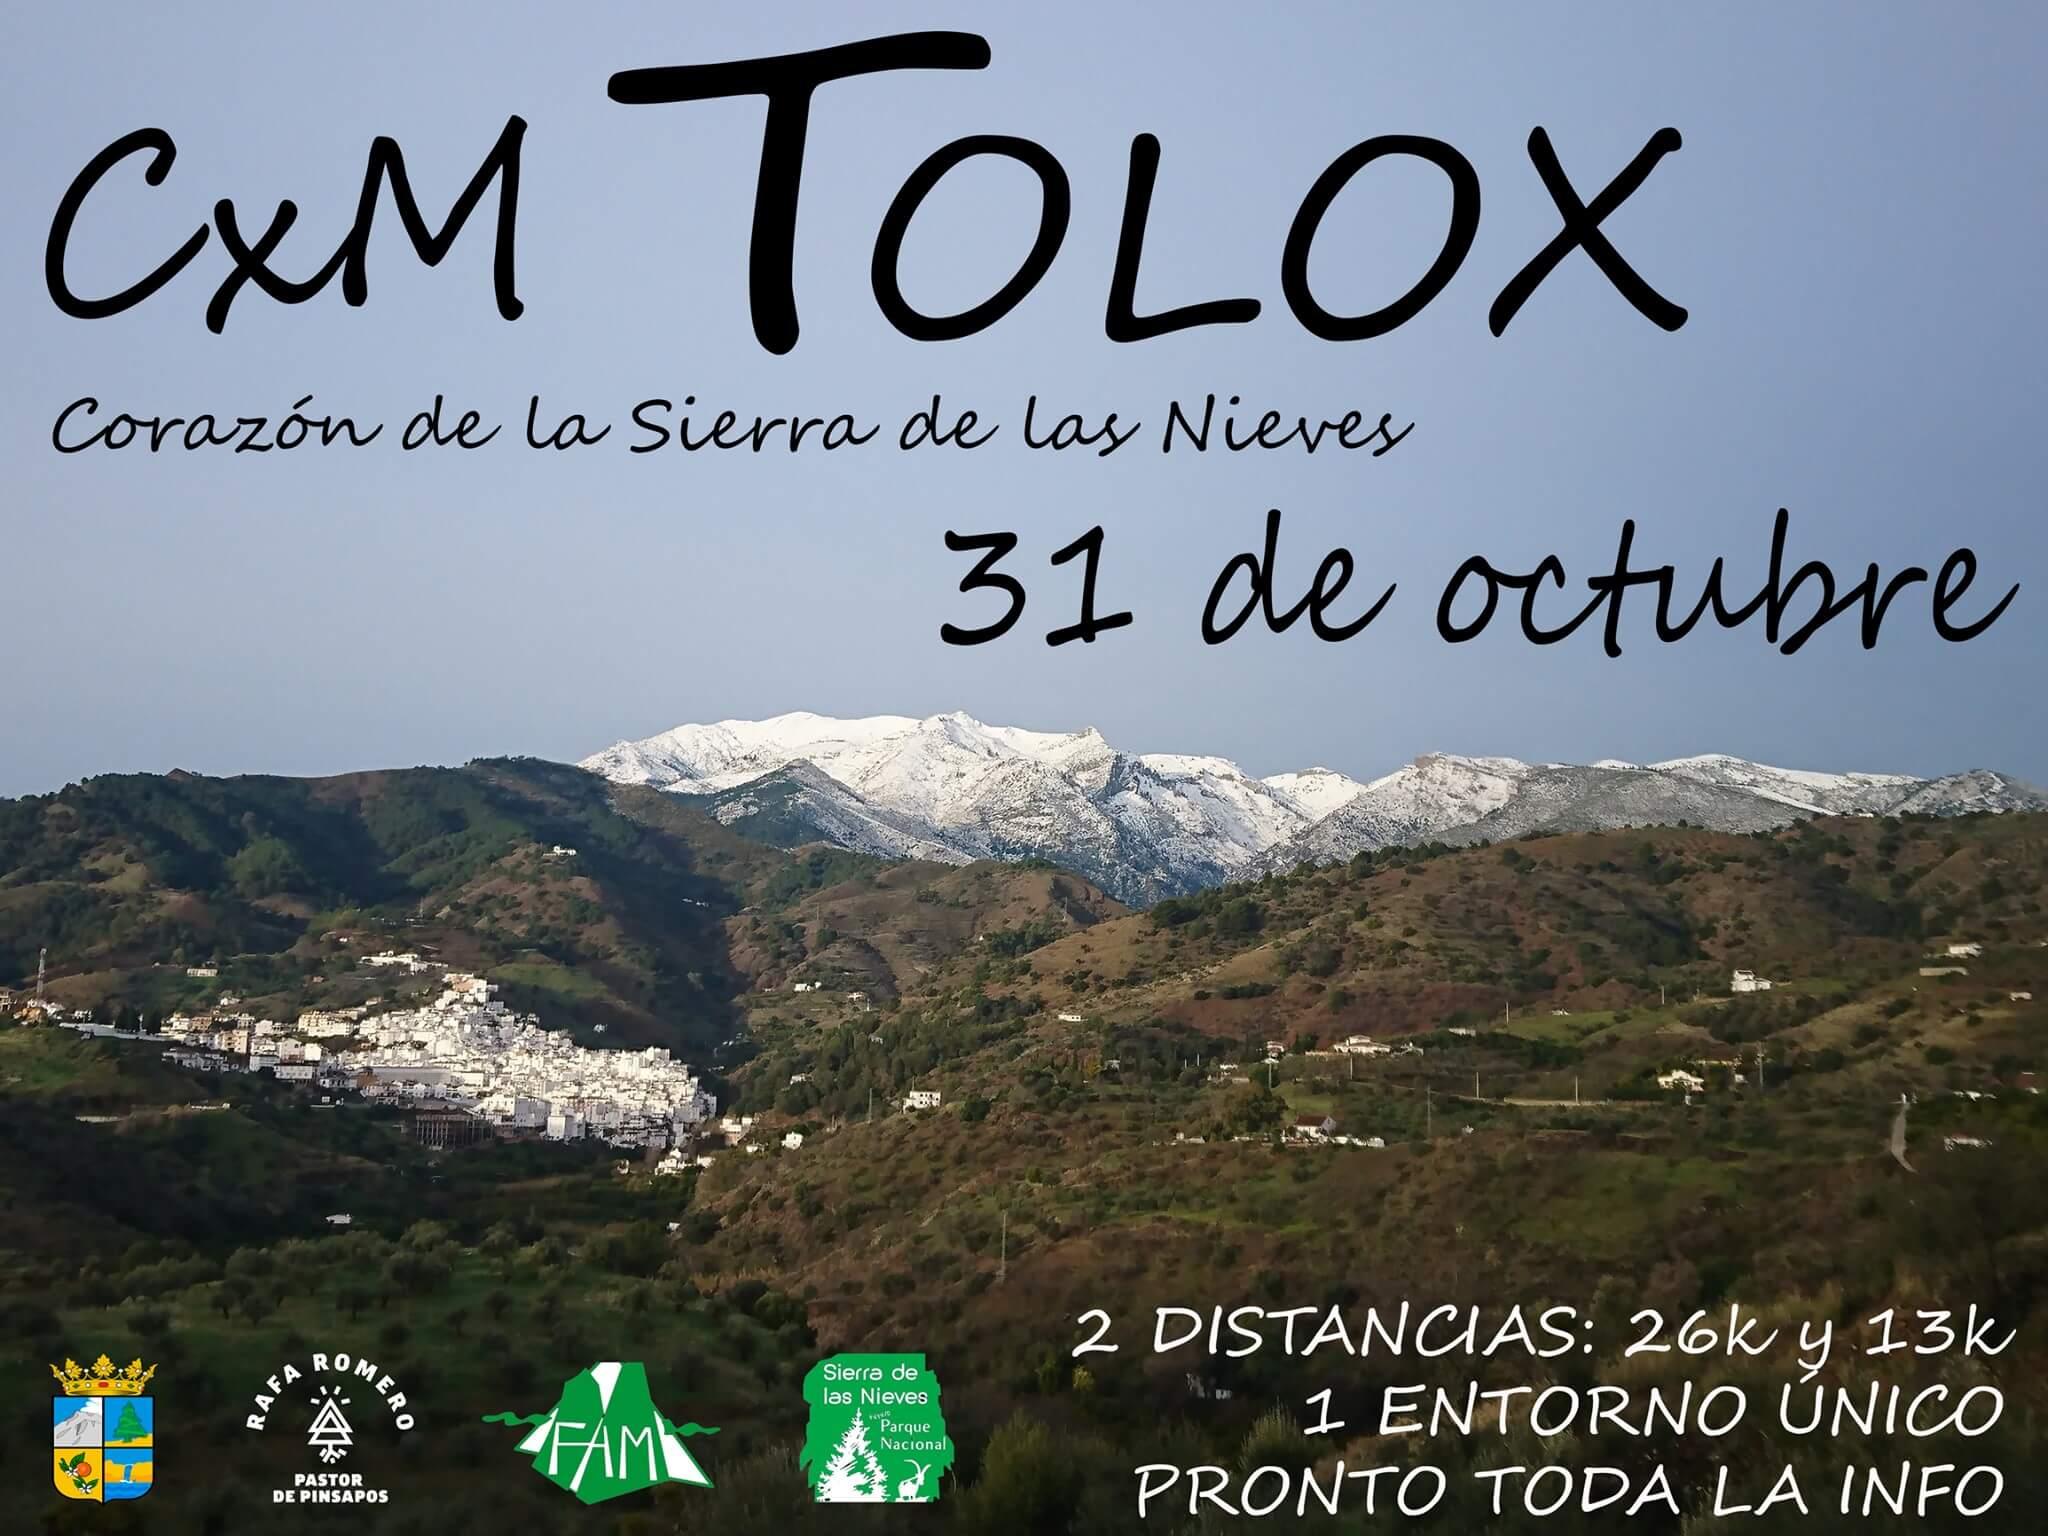 CxM Tolox Corazón de la Sierra de las Nieves